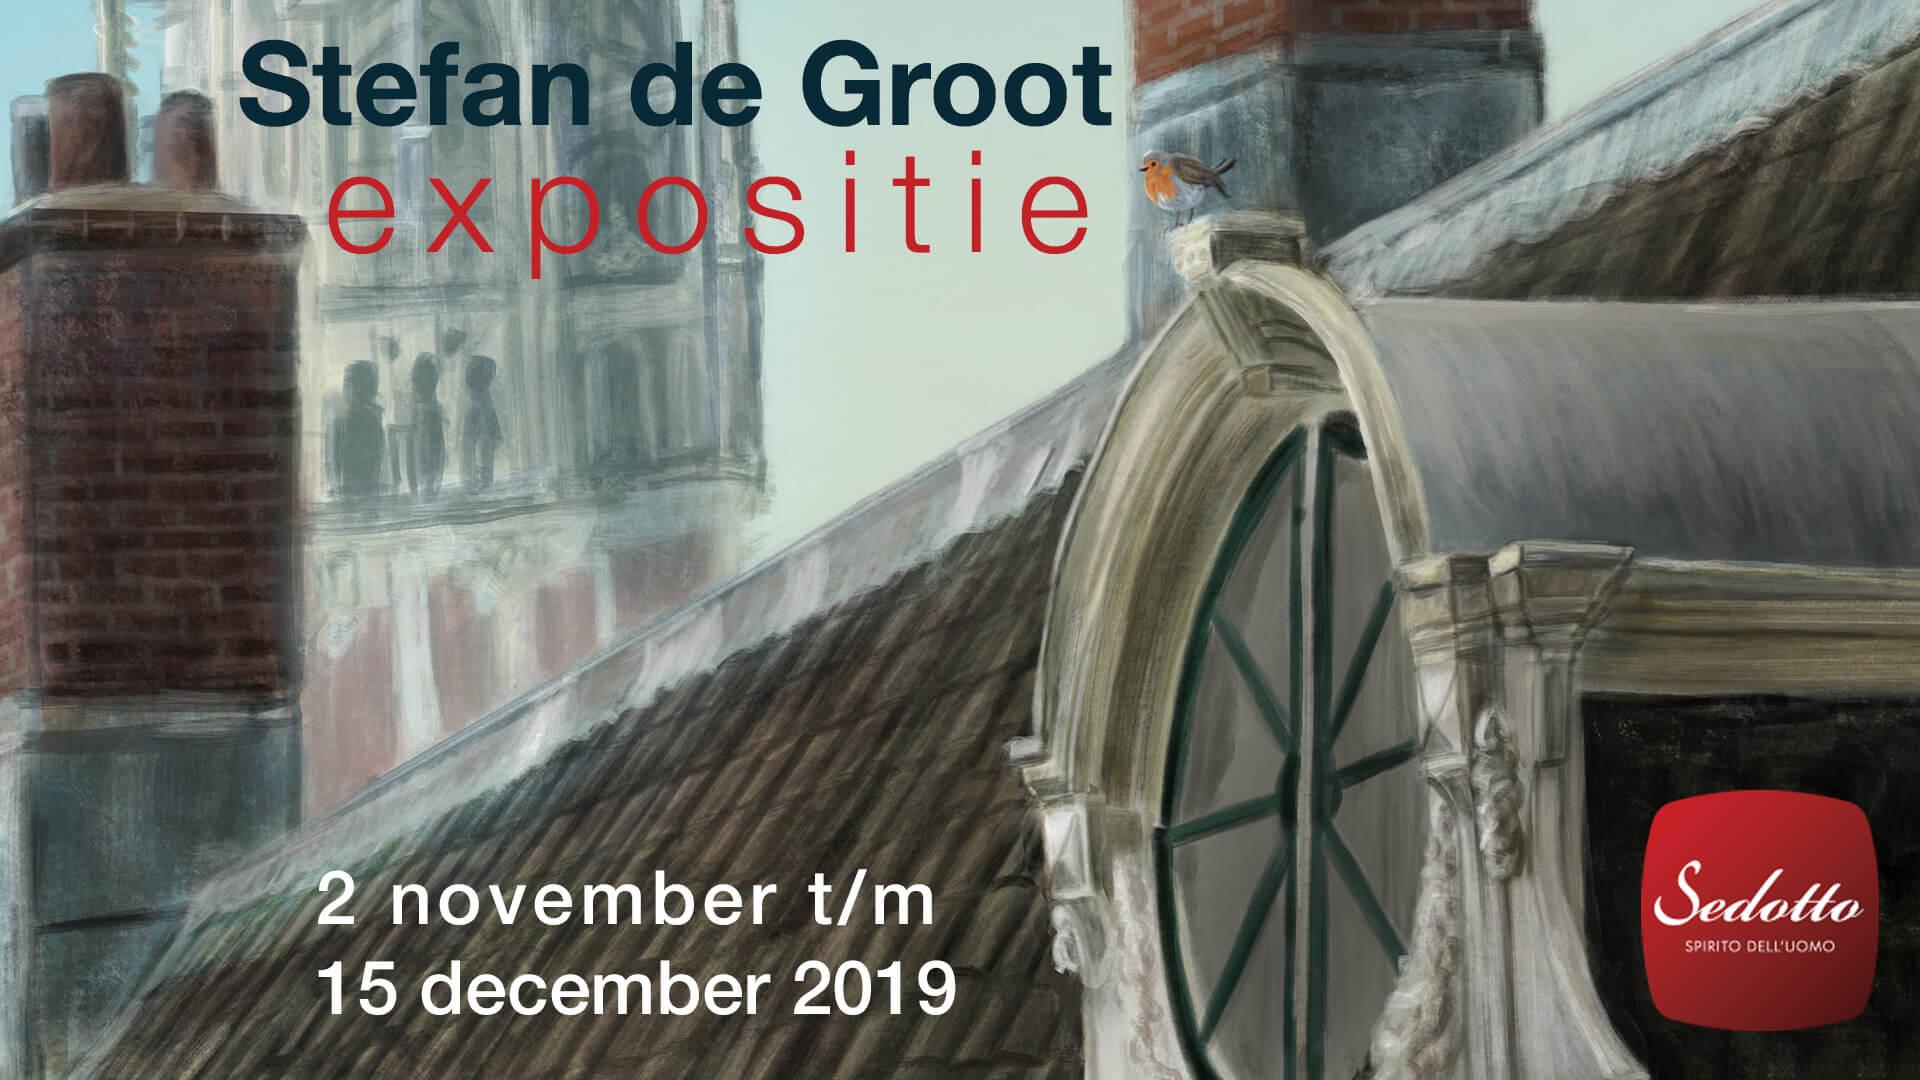 Stefan de Groot Expositie Sedotto